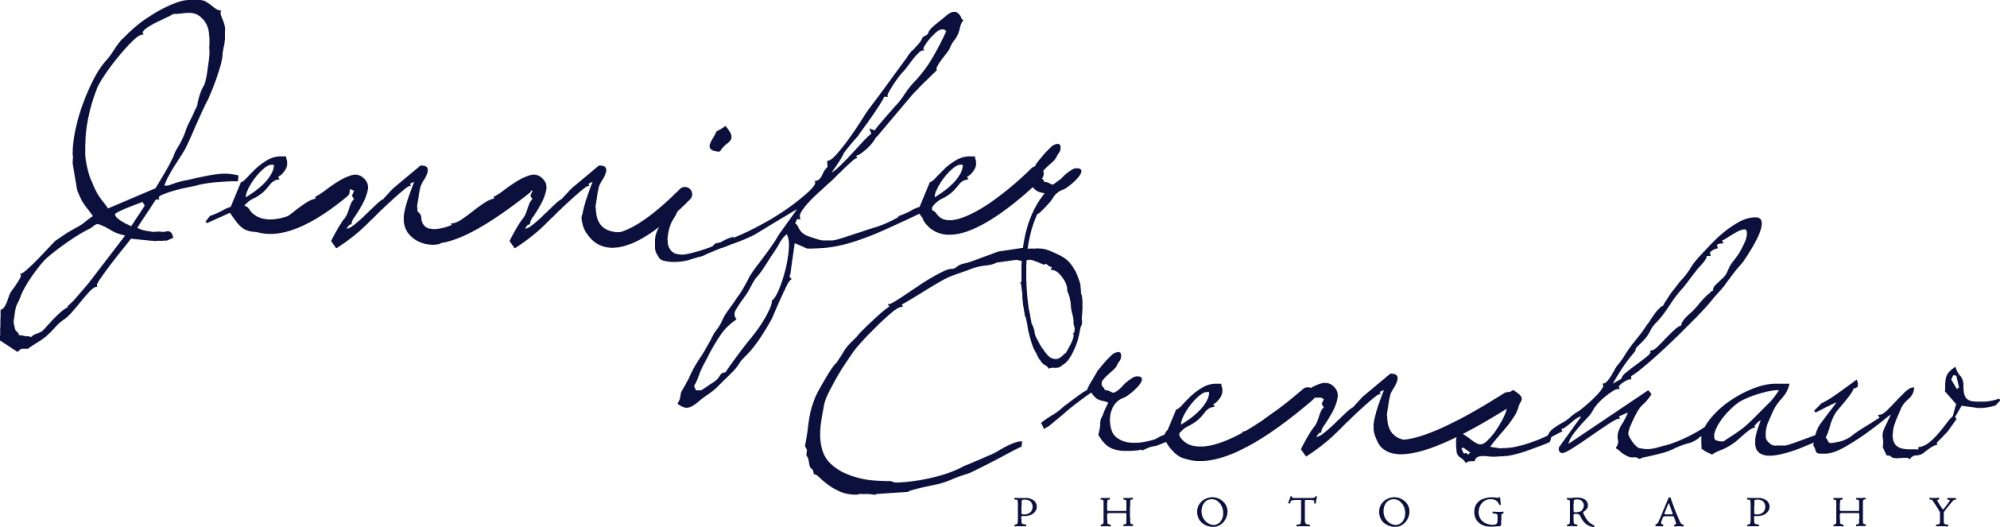 Jennifer Crenshaw Logo